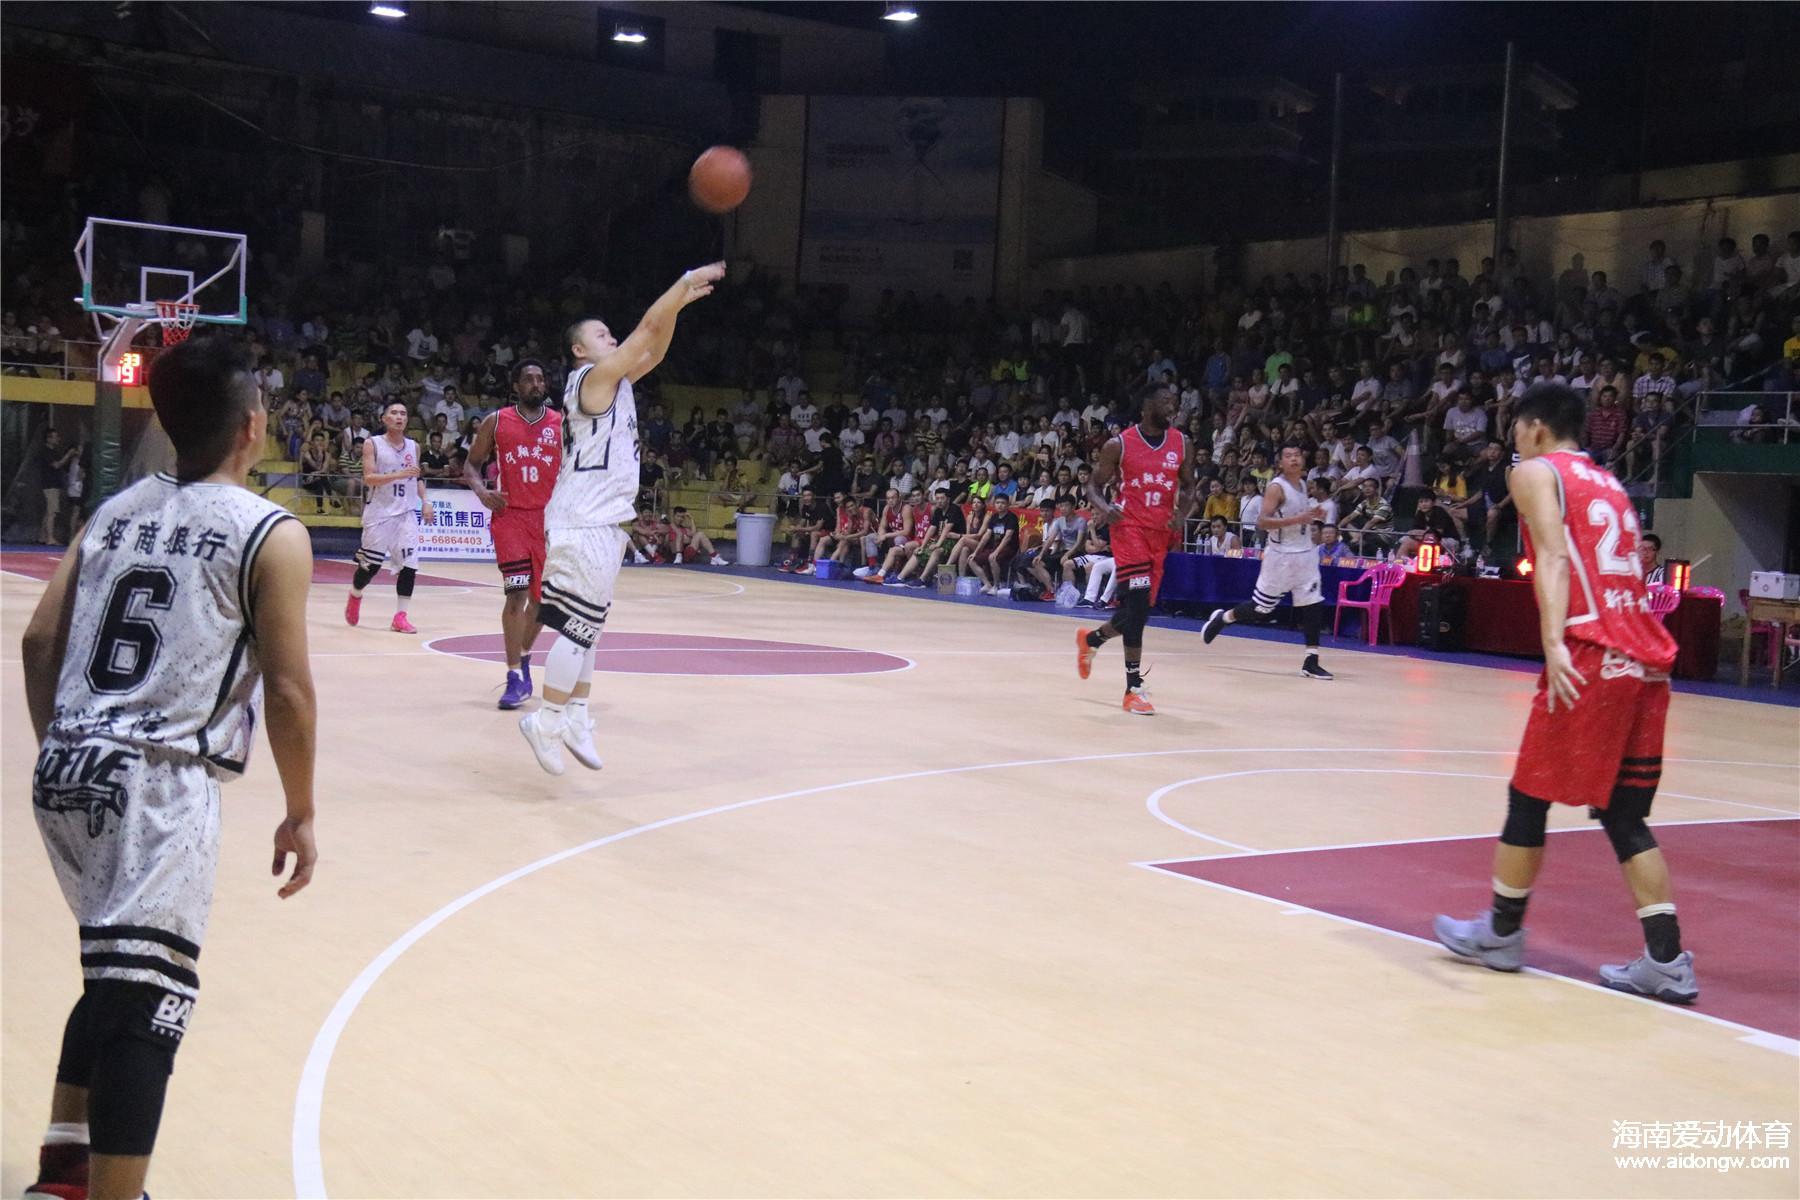 【视频】海口市篮球联赛友谊赛:海口篮协VS招商银行